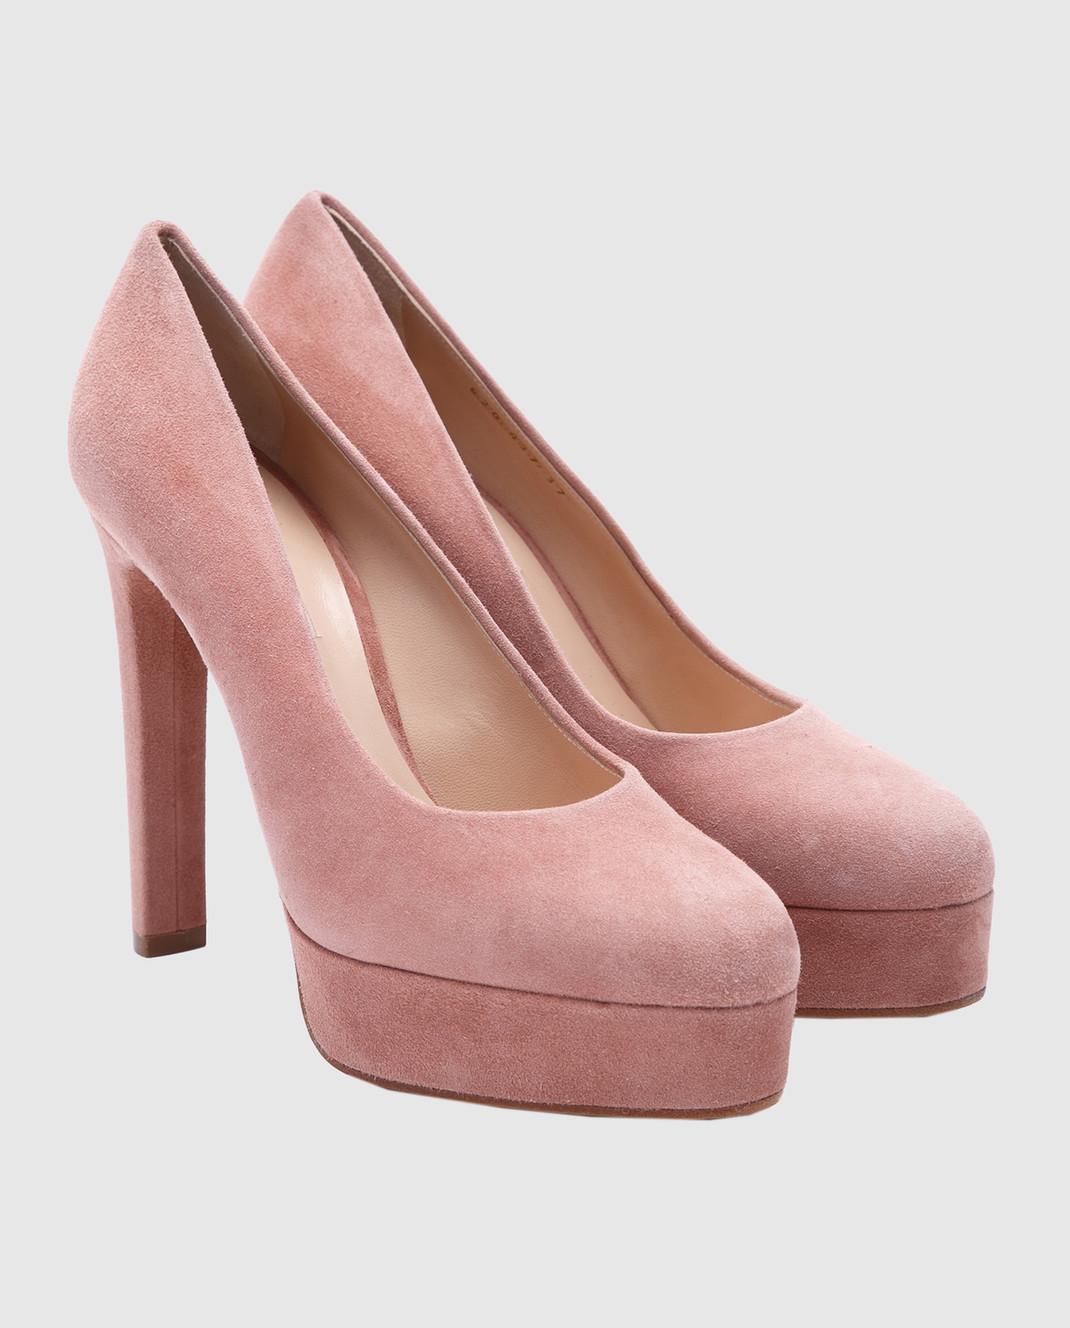 Casadei Пудровые замшевые туфли изображение 2